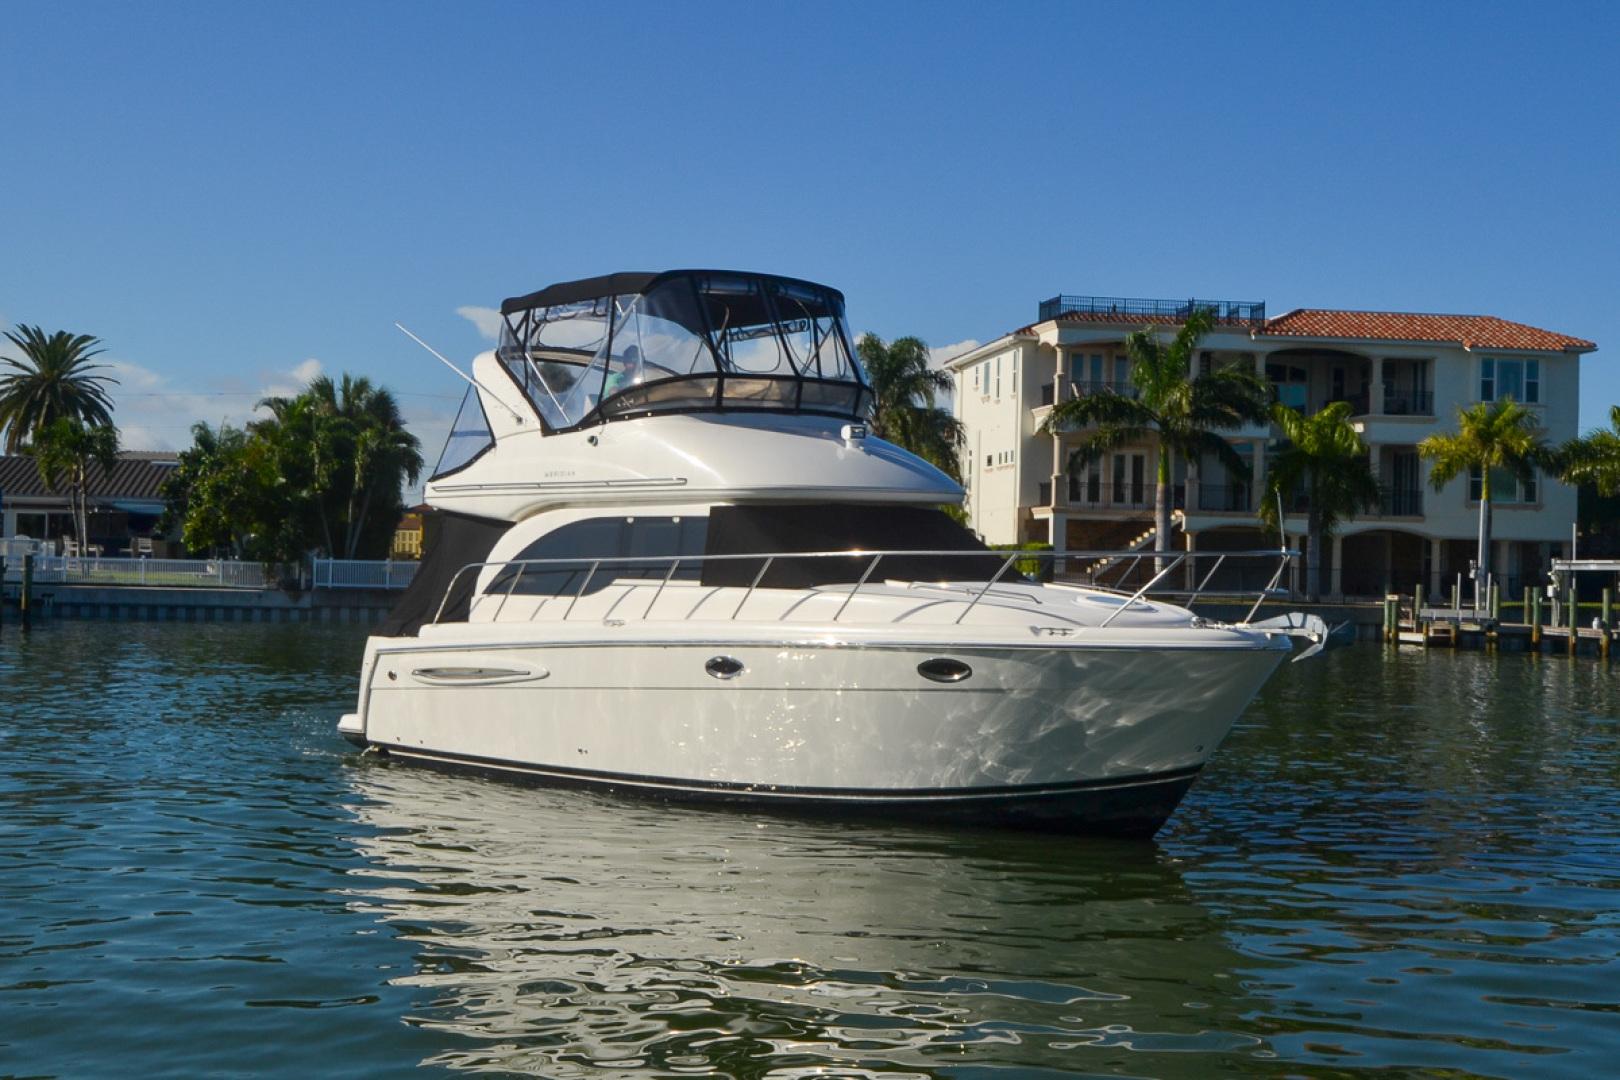 Meridian-341 Sedan 2004-Sea Harmony Belleair Beach-Florida-United States-1496599 | Thumbnail